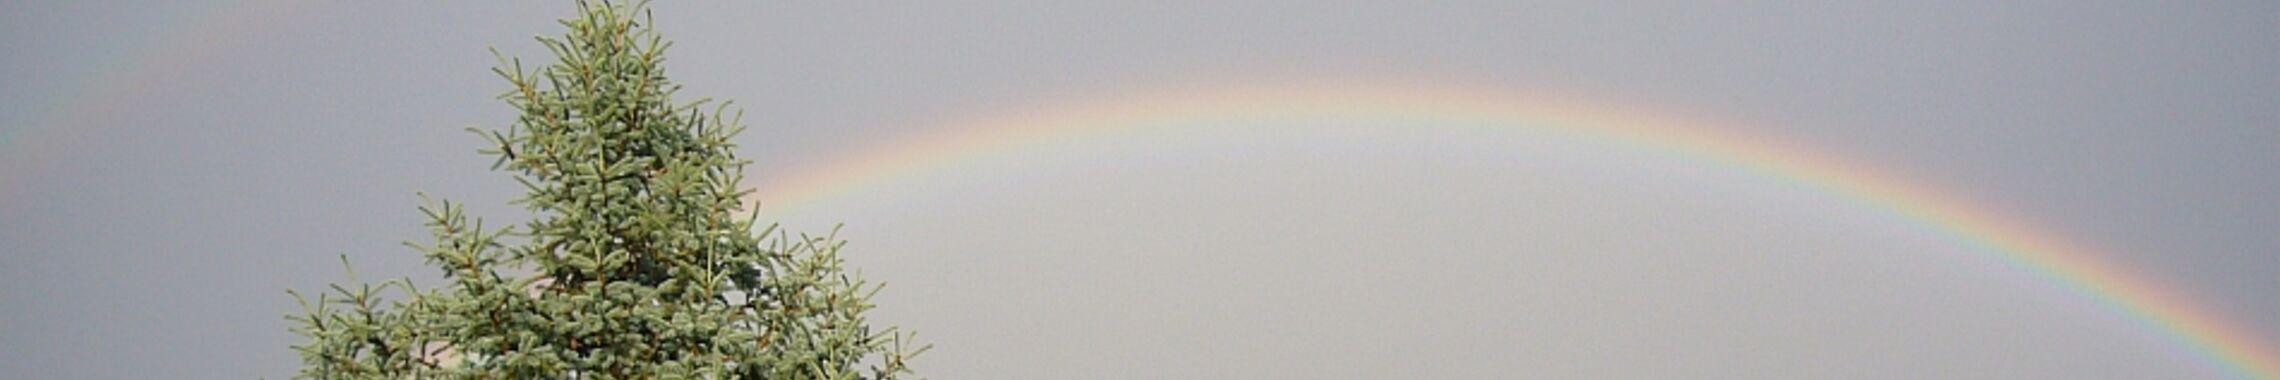 Ein Regenbogen überspannt das Land